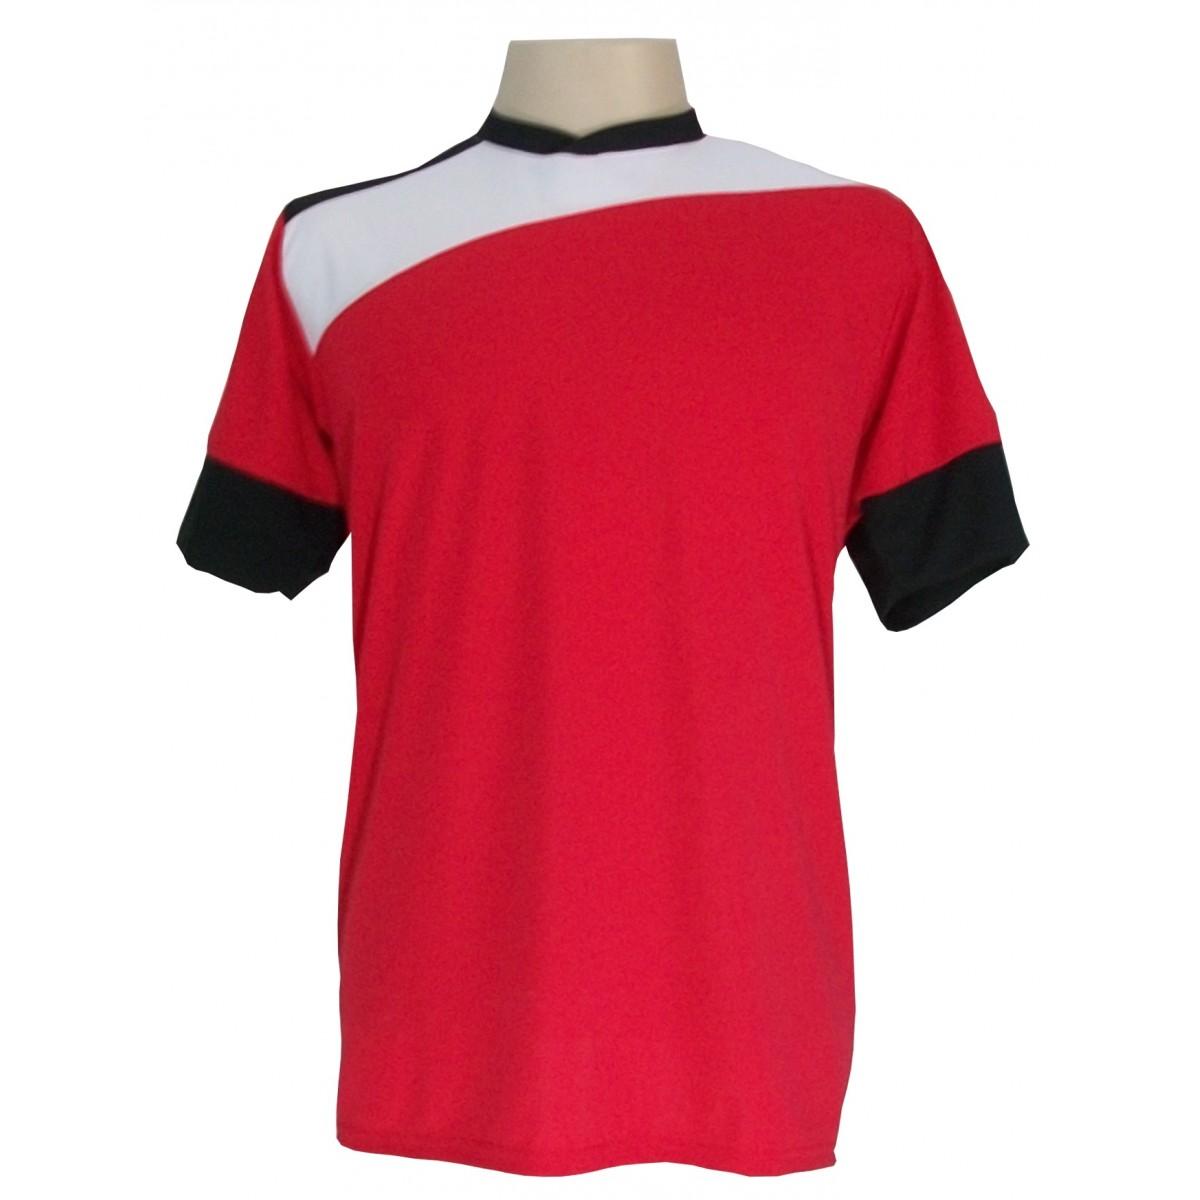 Jogo de Camisa com 14 unidades modelo Sporting Vermelho/Branco/Preto + Brindes